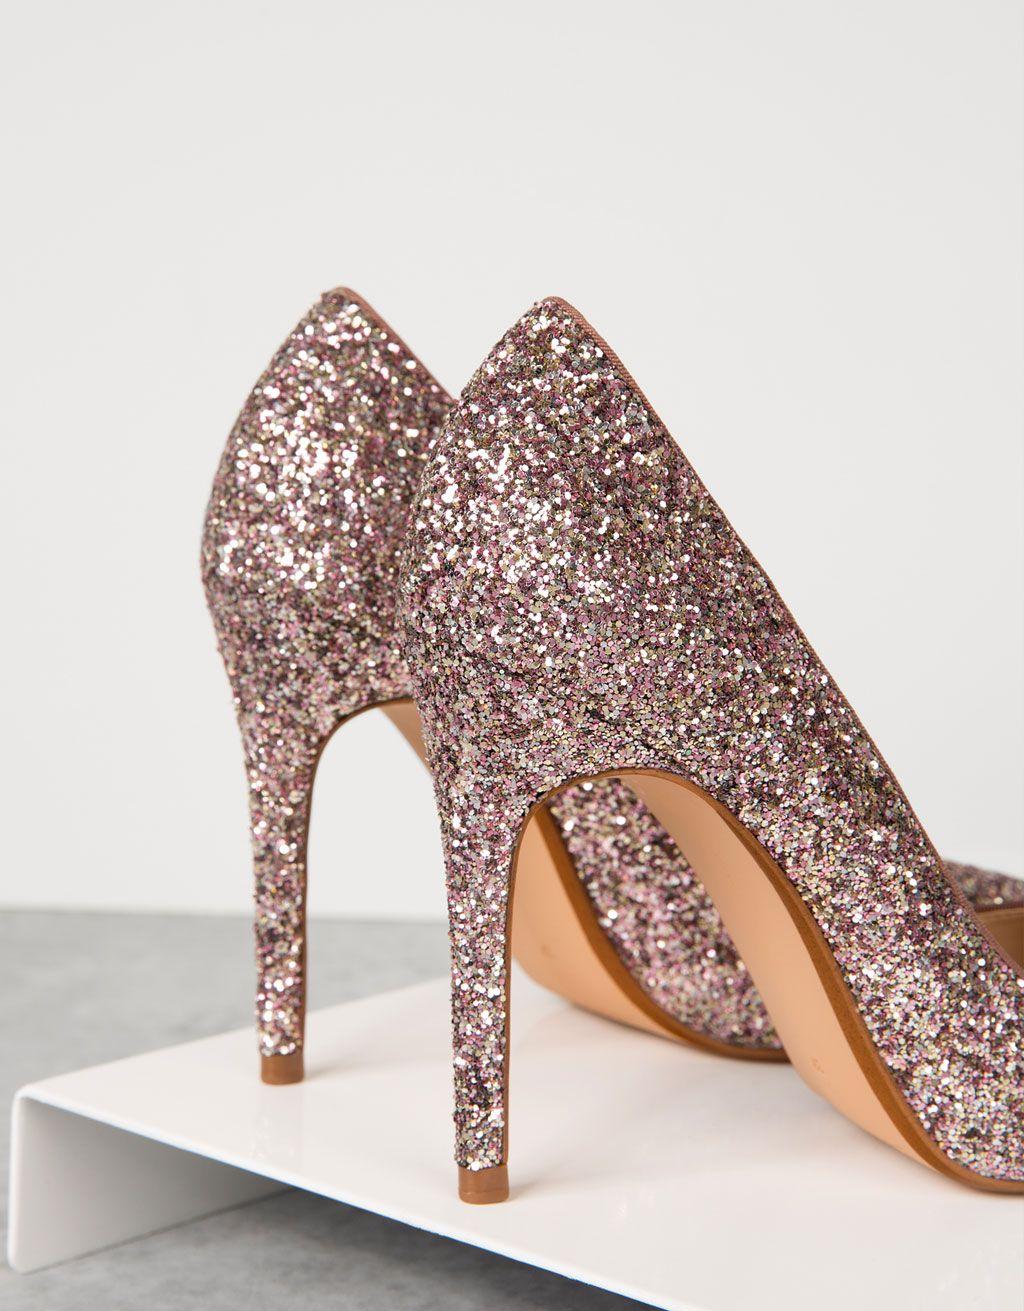 250a60ffd5 Sapato salto fino purpurina. Descubra esta e muitas outras roupas na  Bershka com novos artigos cada semana